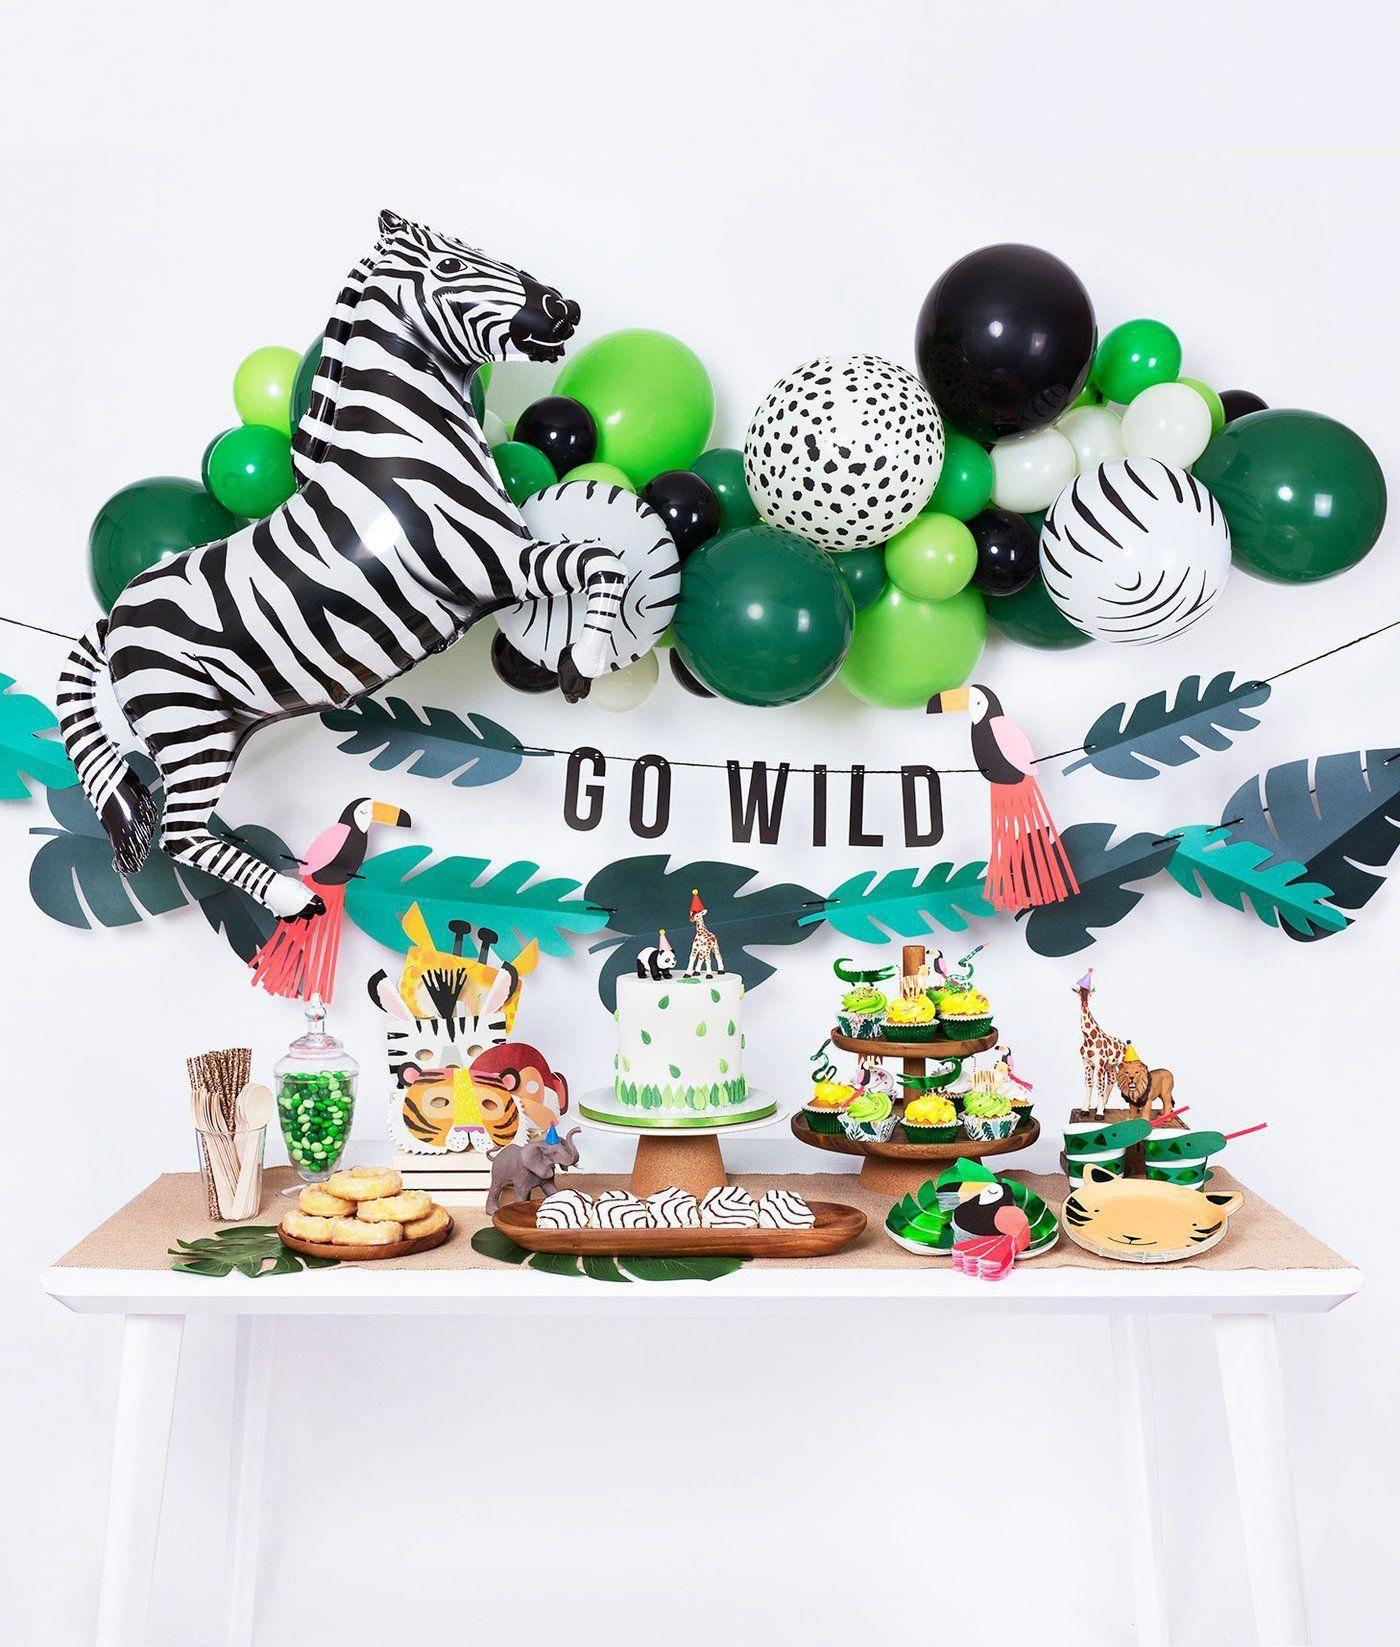 Birthday Boy Blam 3 By Nailesi: Get Wild Boxes – Momo Party